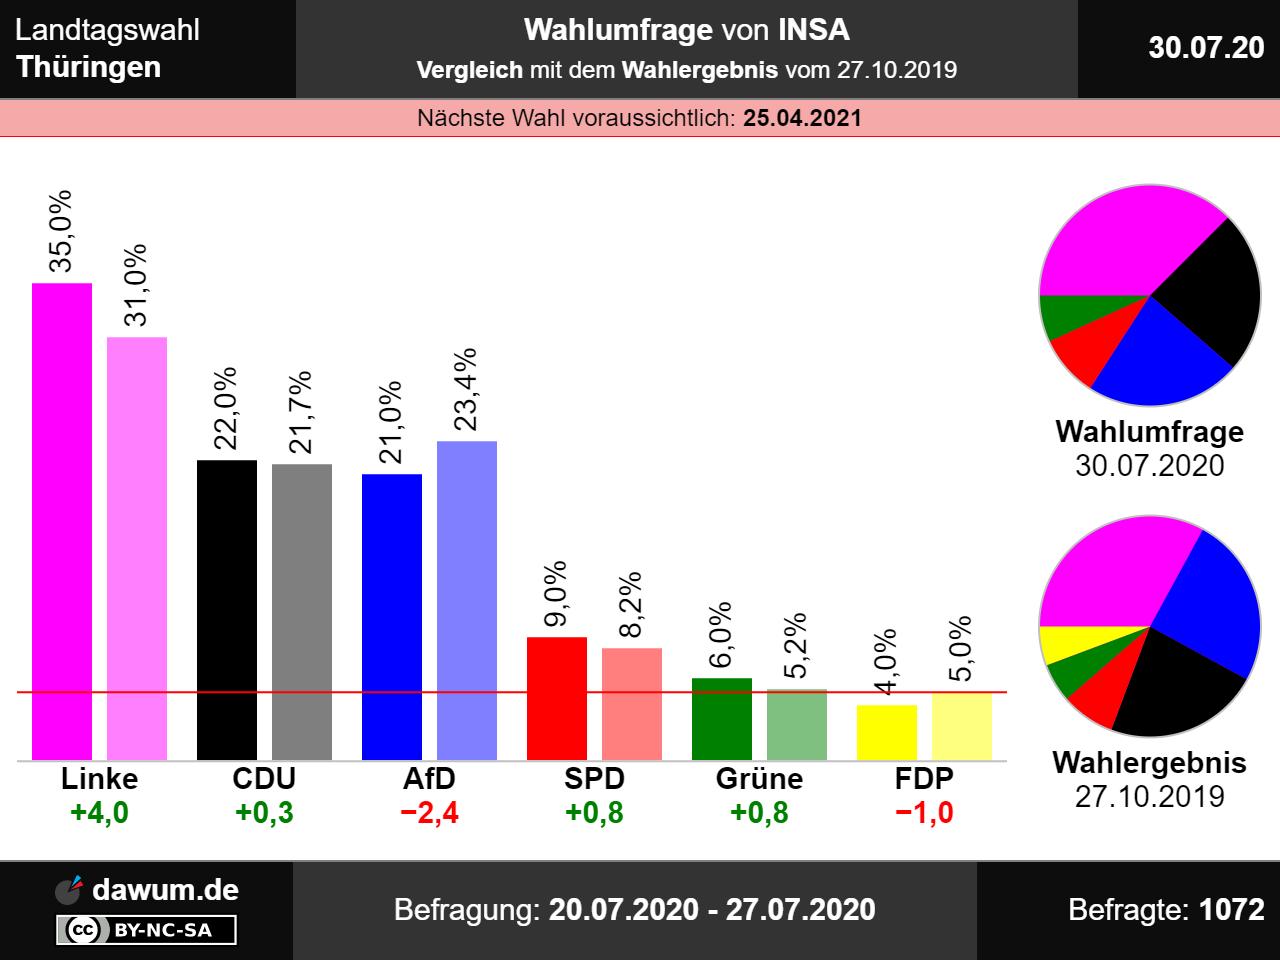 Afd Nrw Landesliste Bundestagswahl 2021